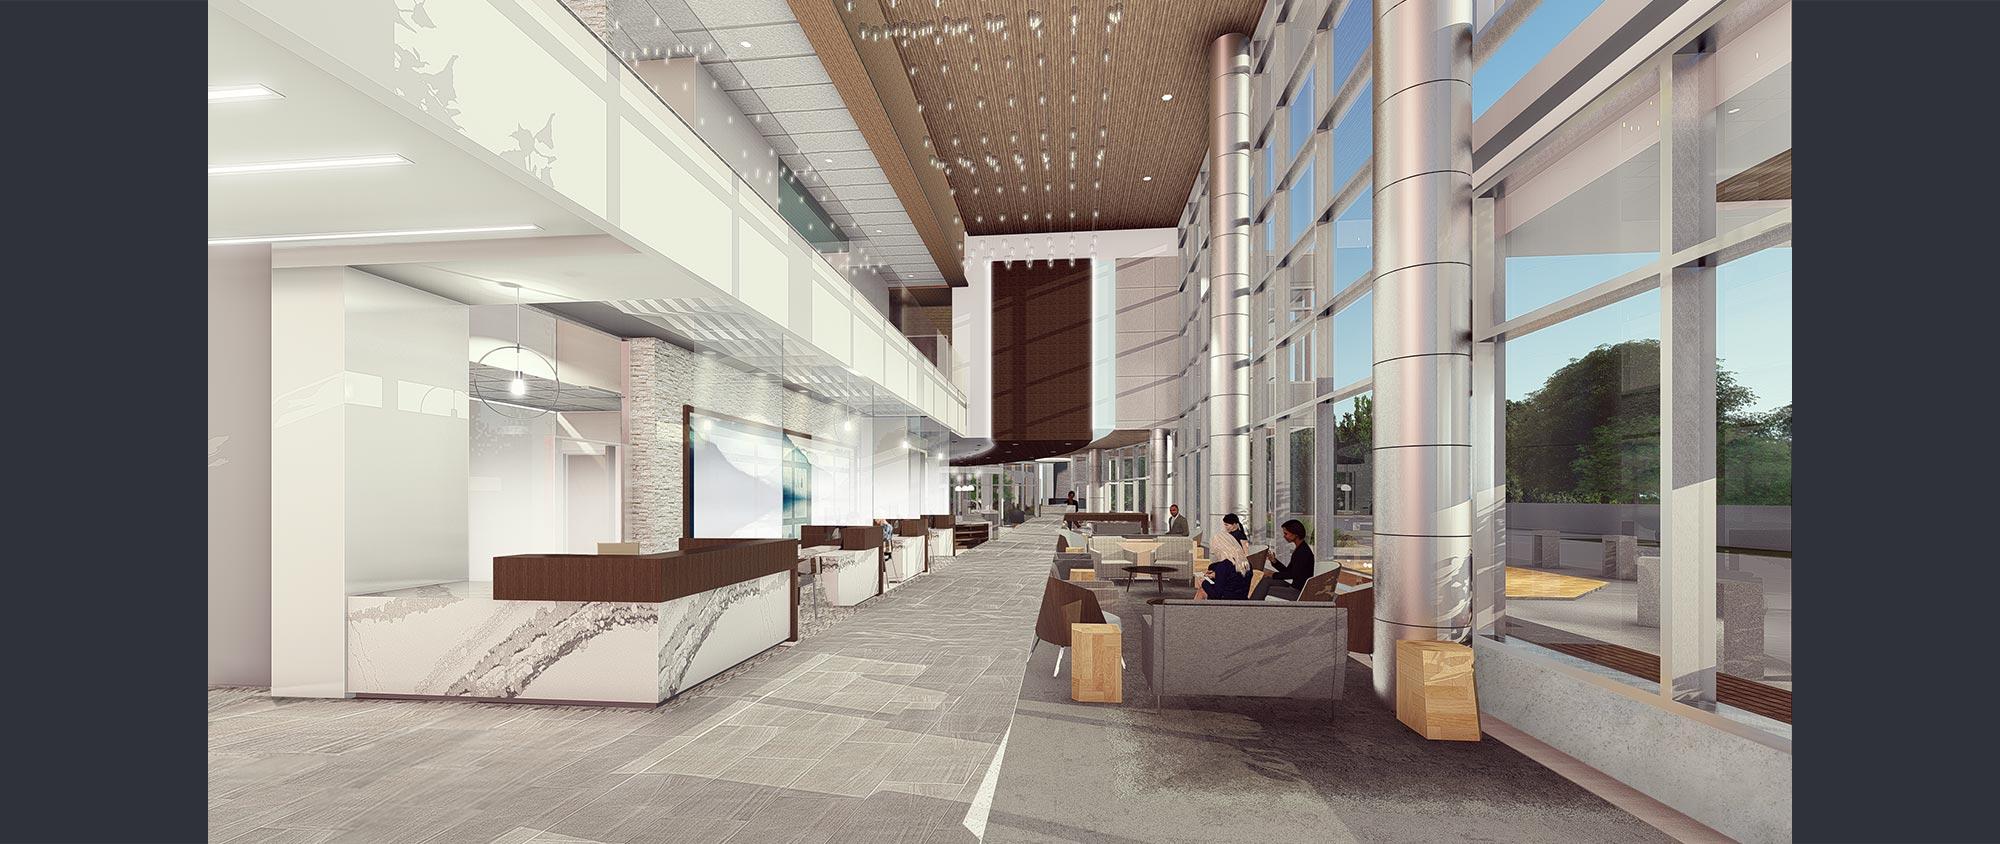 Hamilton Cancer Institute